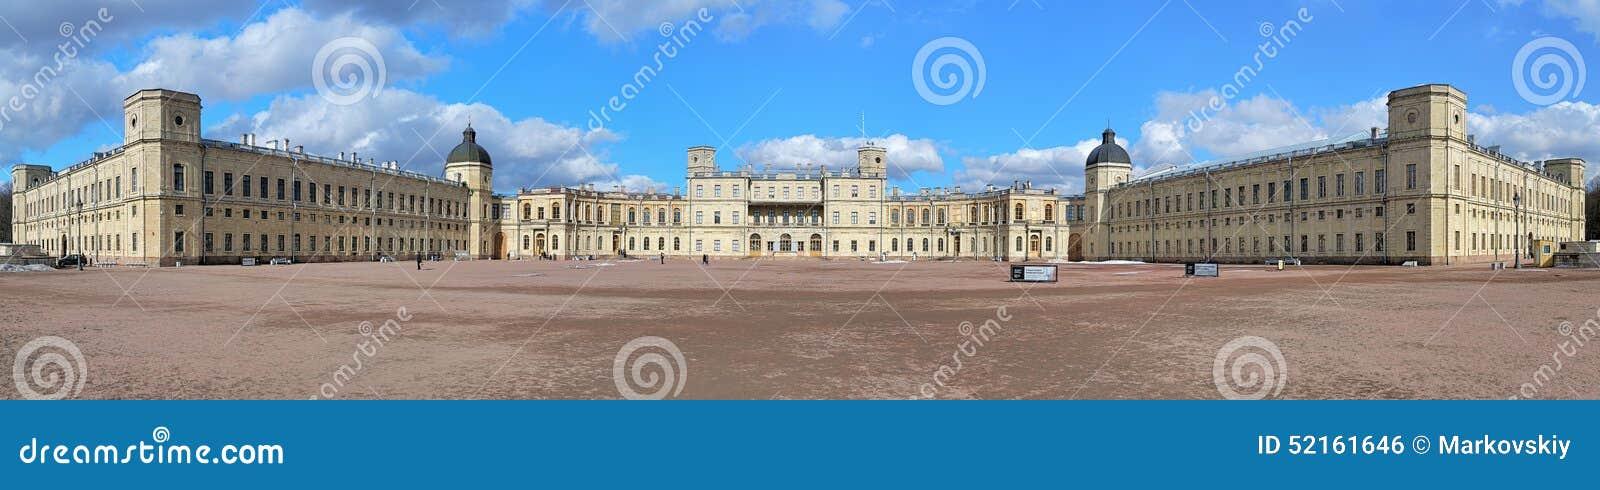 Большая панорама большого дворца Gatchina, Россия